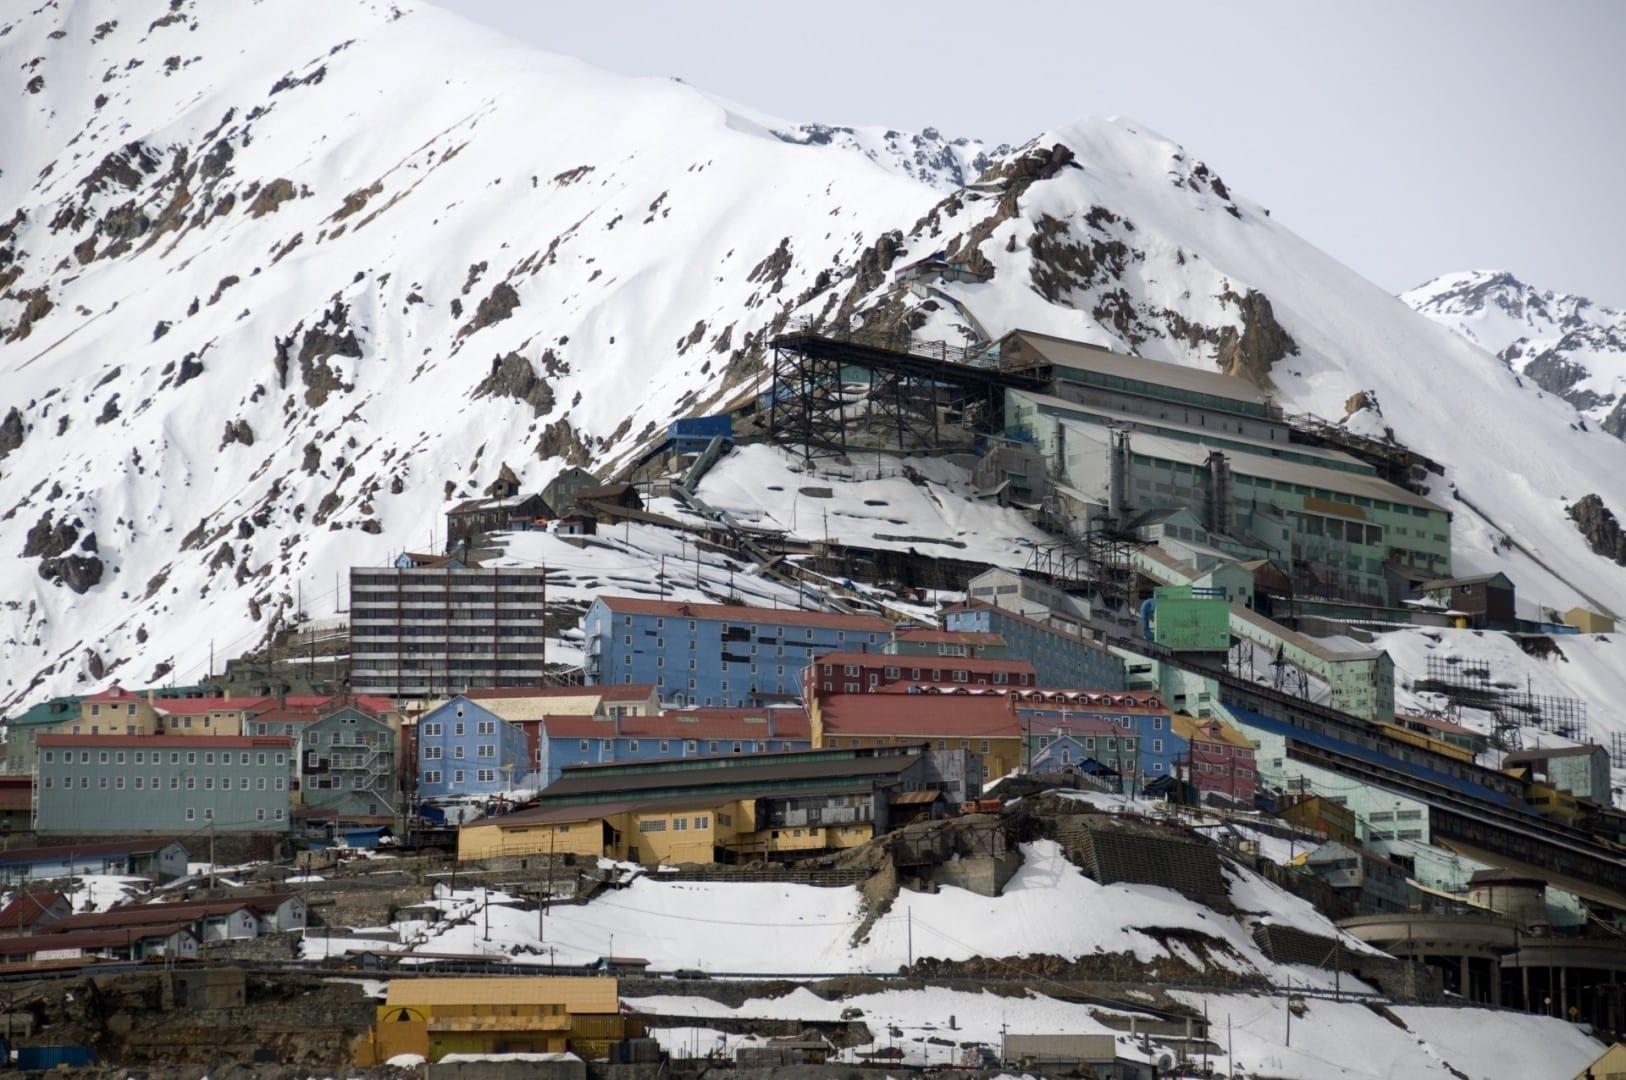 Sewell y la mina El Teniente. Rancagua Chile